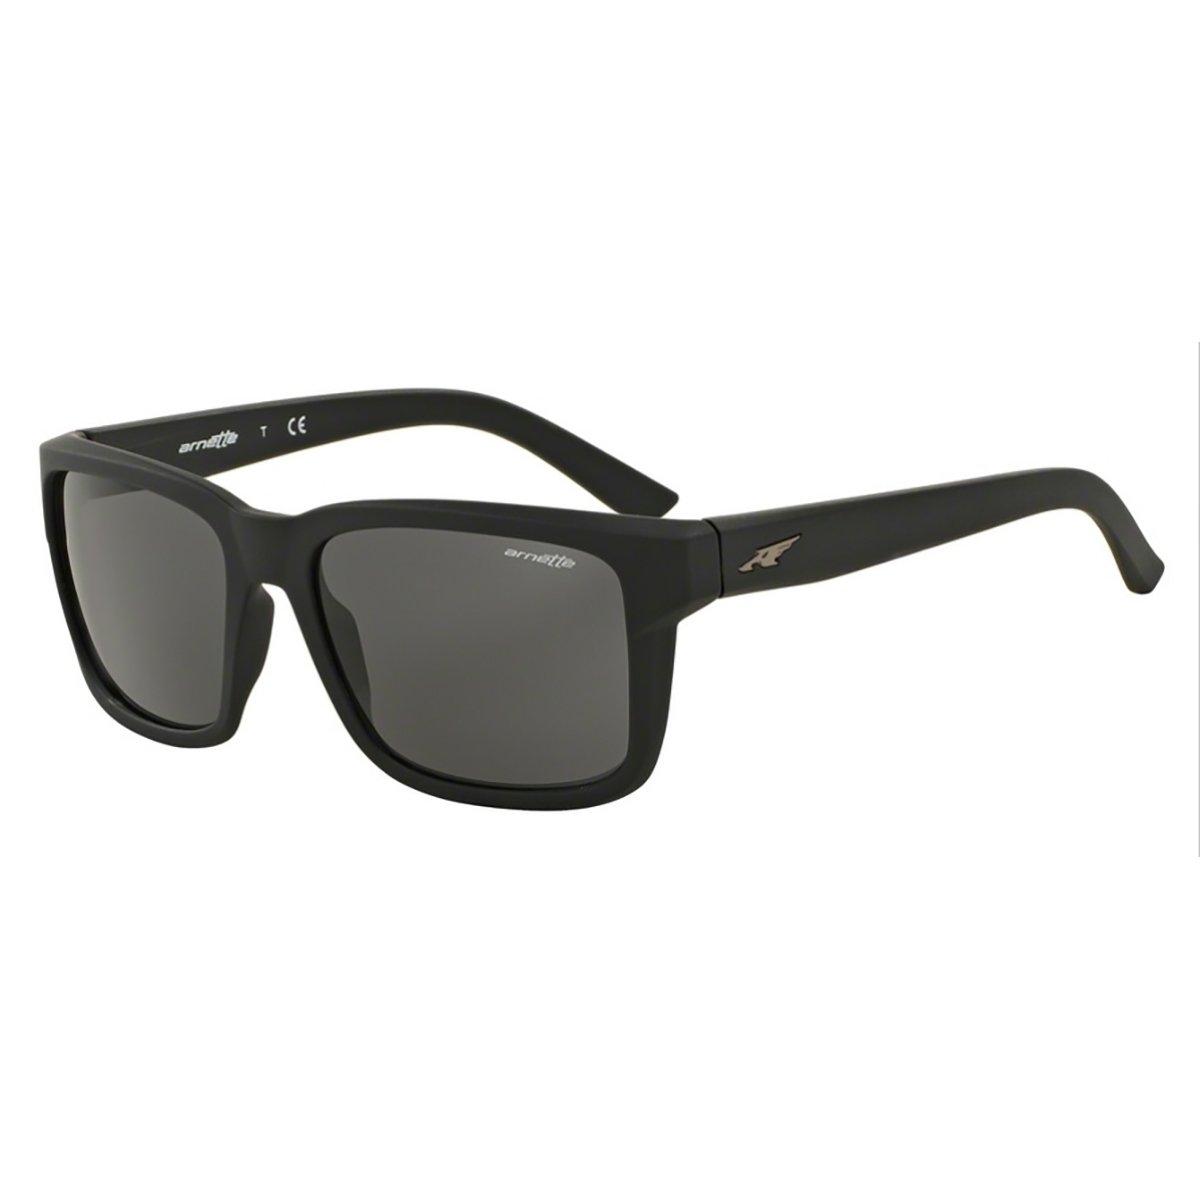 dbf73cb485fc2 Compre Óculos de Sol Arnette Swindle em 10X   Tri-Jóia Shop